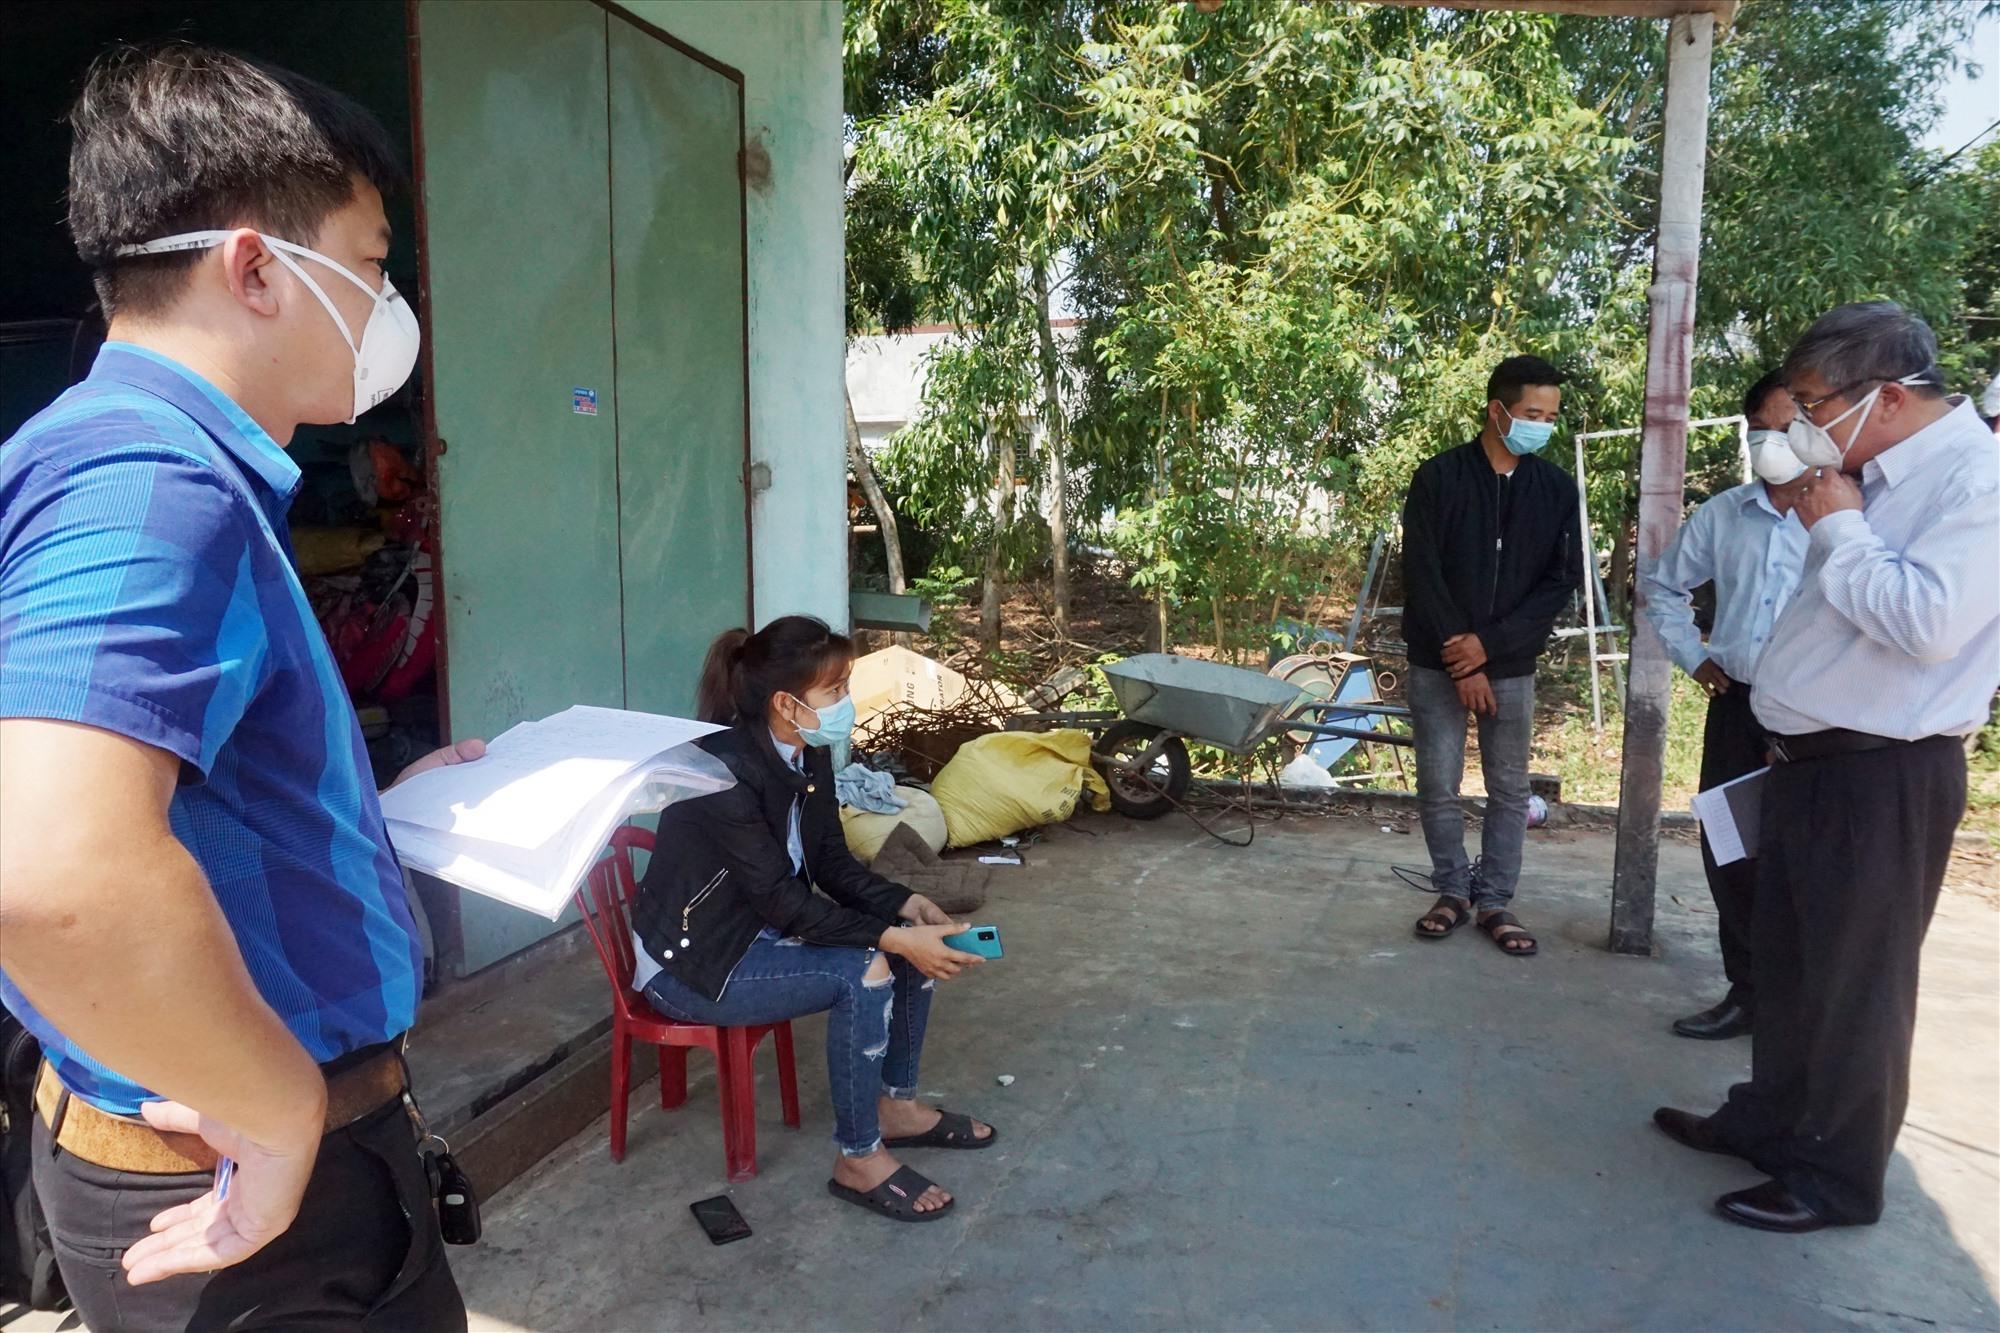 Đoàn công tác của huyện và Trung tâm Kiểm soát bệnh tật Quảng Nam đã đến kiểm tra tình hình sức khỏe của chị N.T.T.T (xã Bình Triều) - người có thời gian tiếp xúc gần với 2 du khách người Anh 5 giờ đồng hồ.